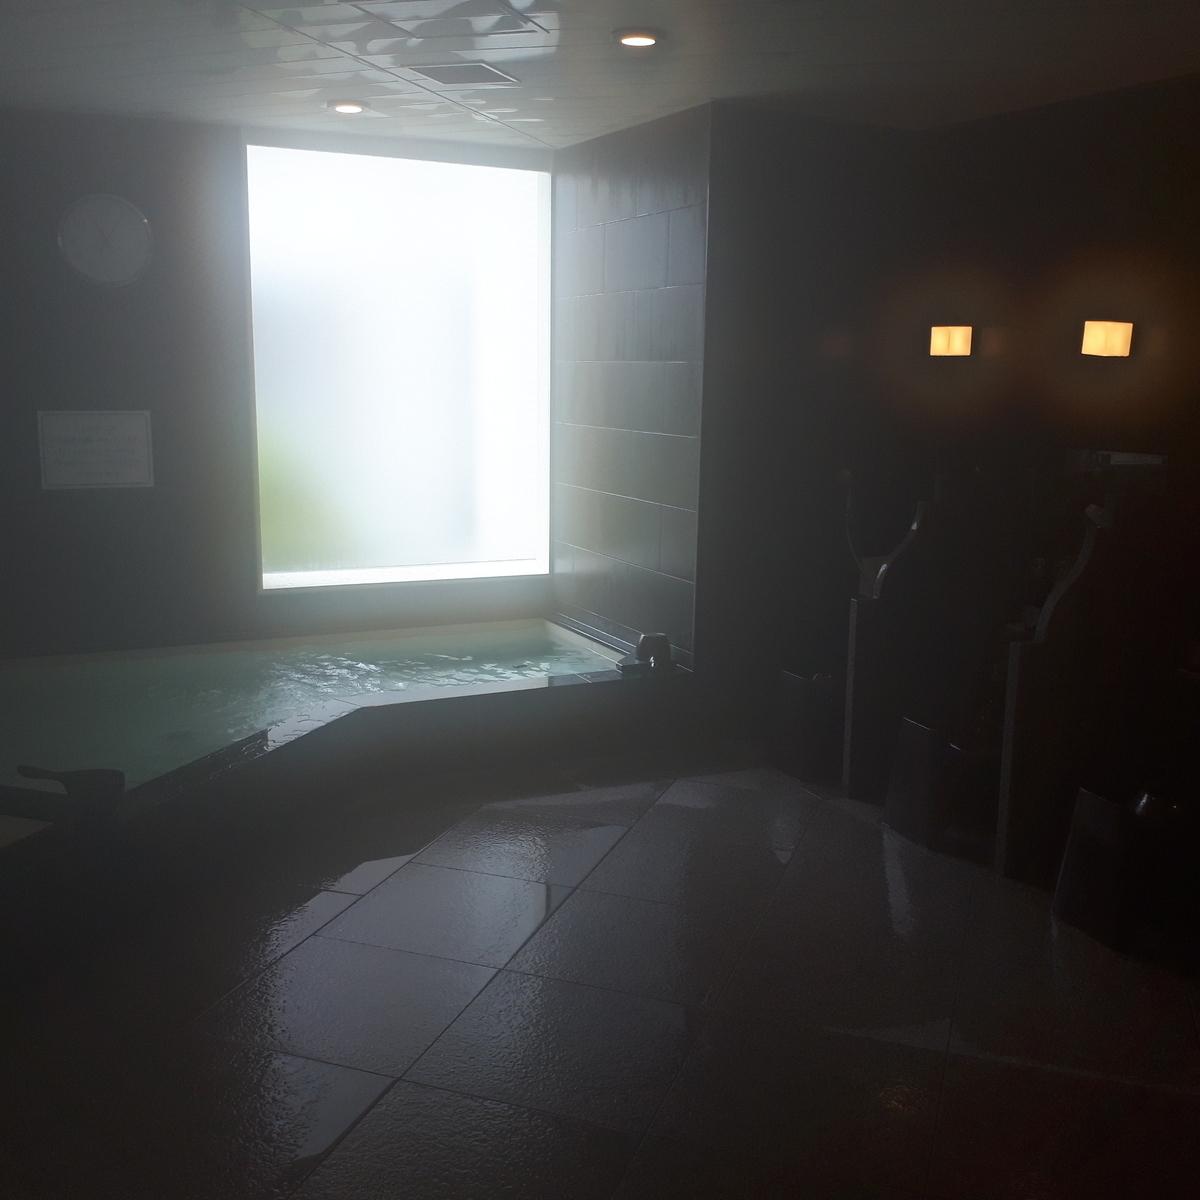 リッツカールトン大阪 フィットネス スパ 浴場